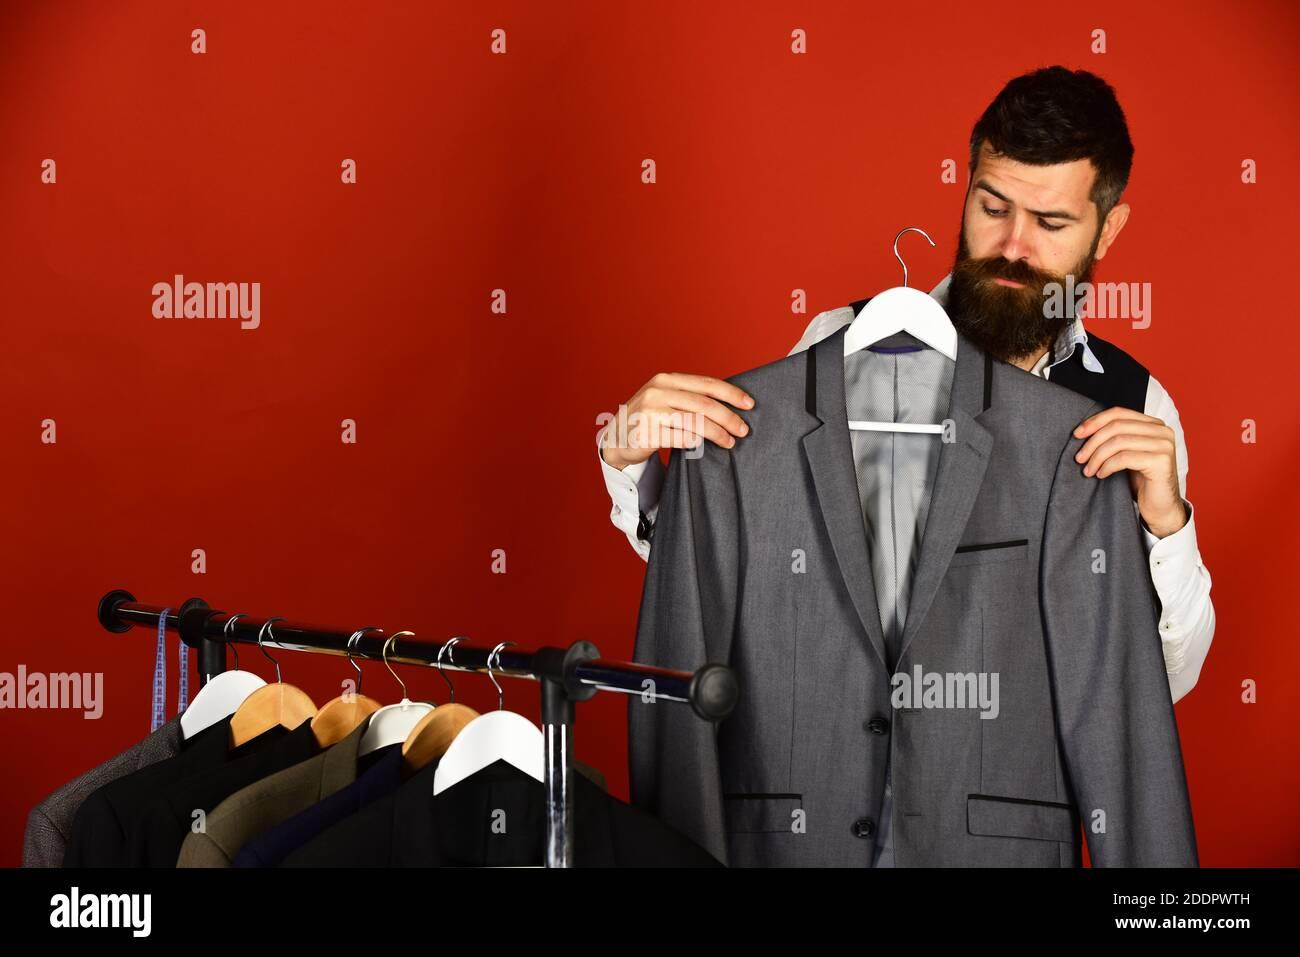 El hombre de cintura baja con barba está cerca del estante con ropa contra el fondo rojo. El chico con cara seria sostiene la chaqueta gris en la percha de la ropa y la mira. El hombre busca ropa en la tienda de moda Foto de stock